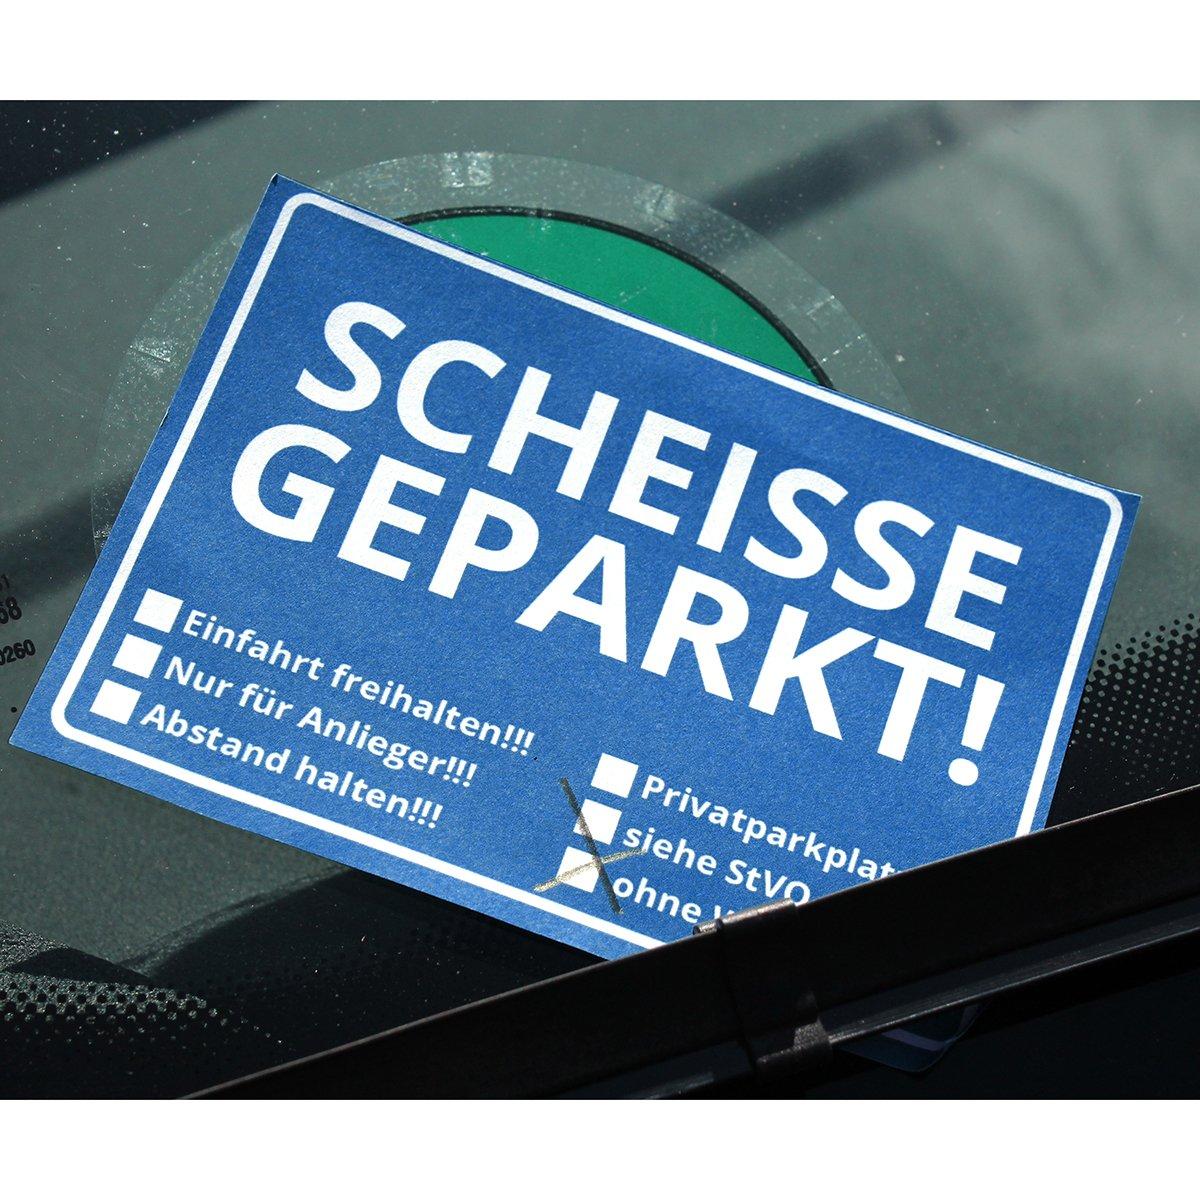 Die Scheisse Geparkt! Notizzettel mit StVO für die Windschutzscheibe ...